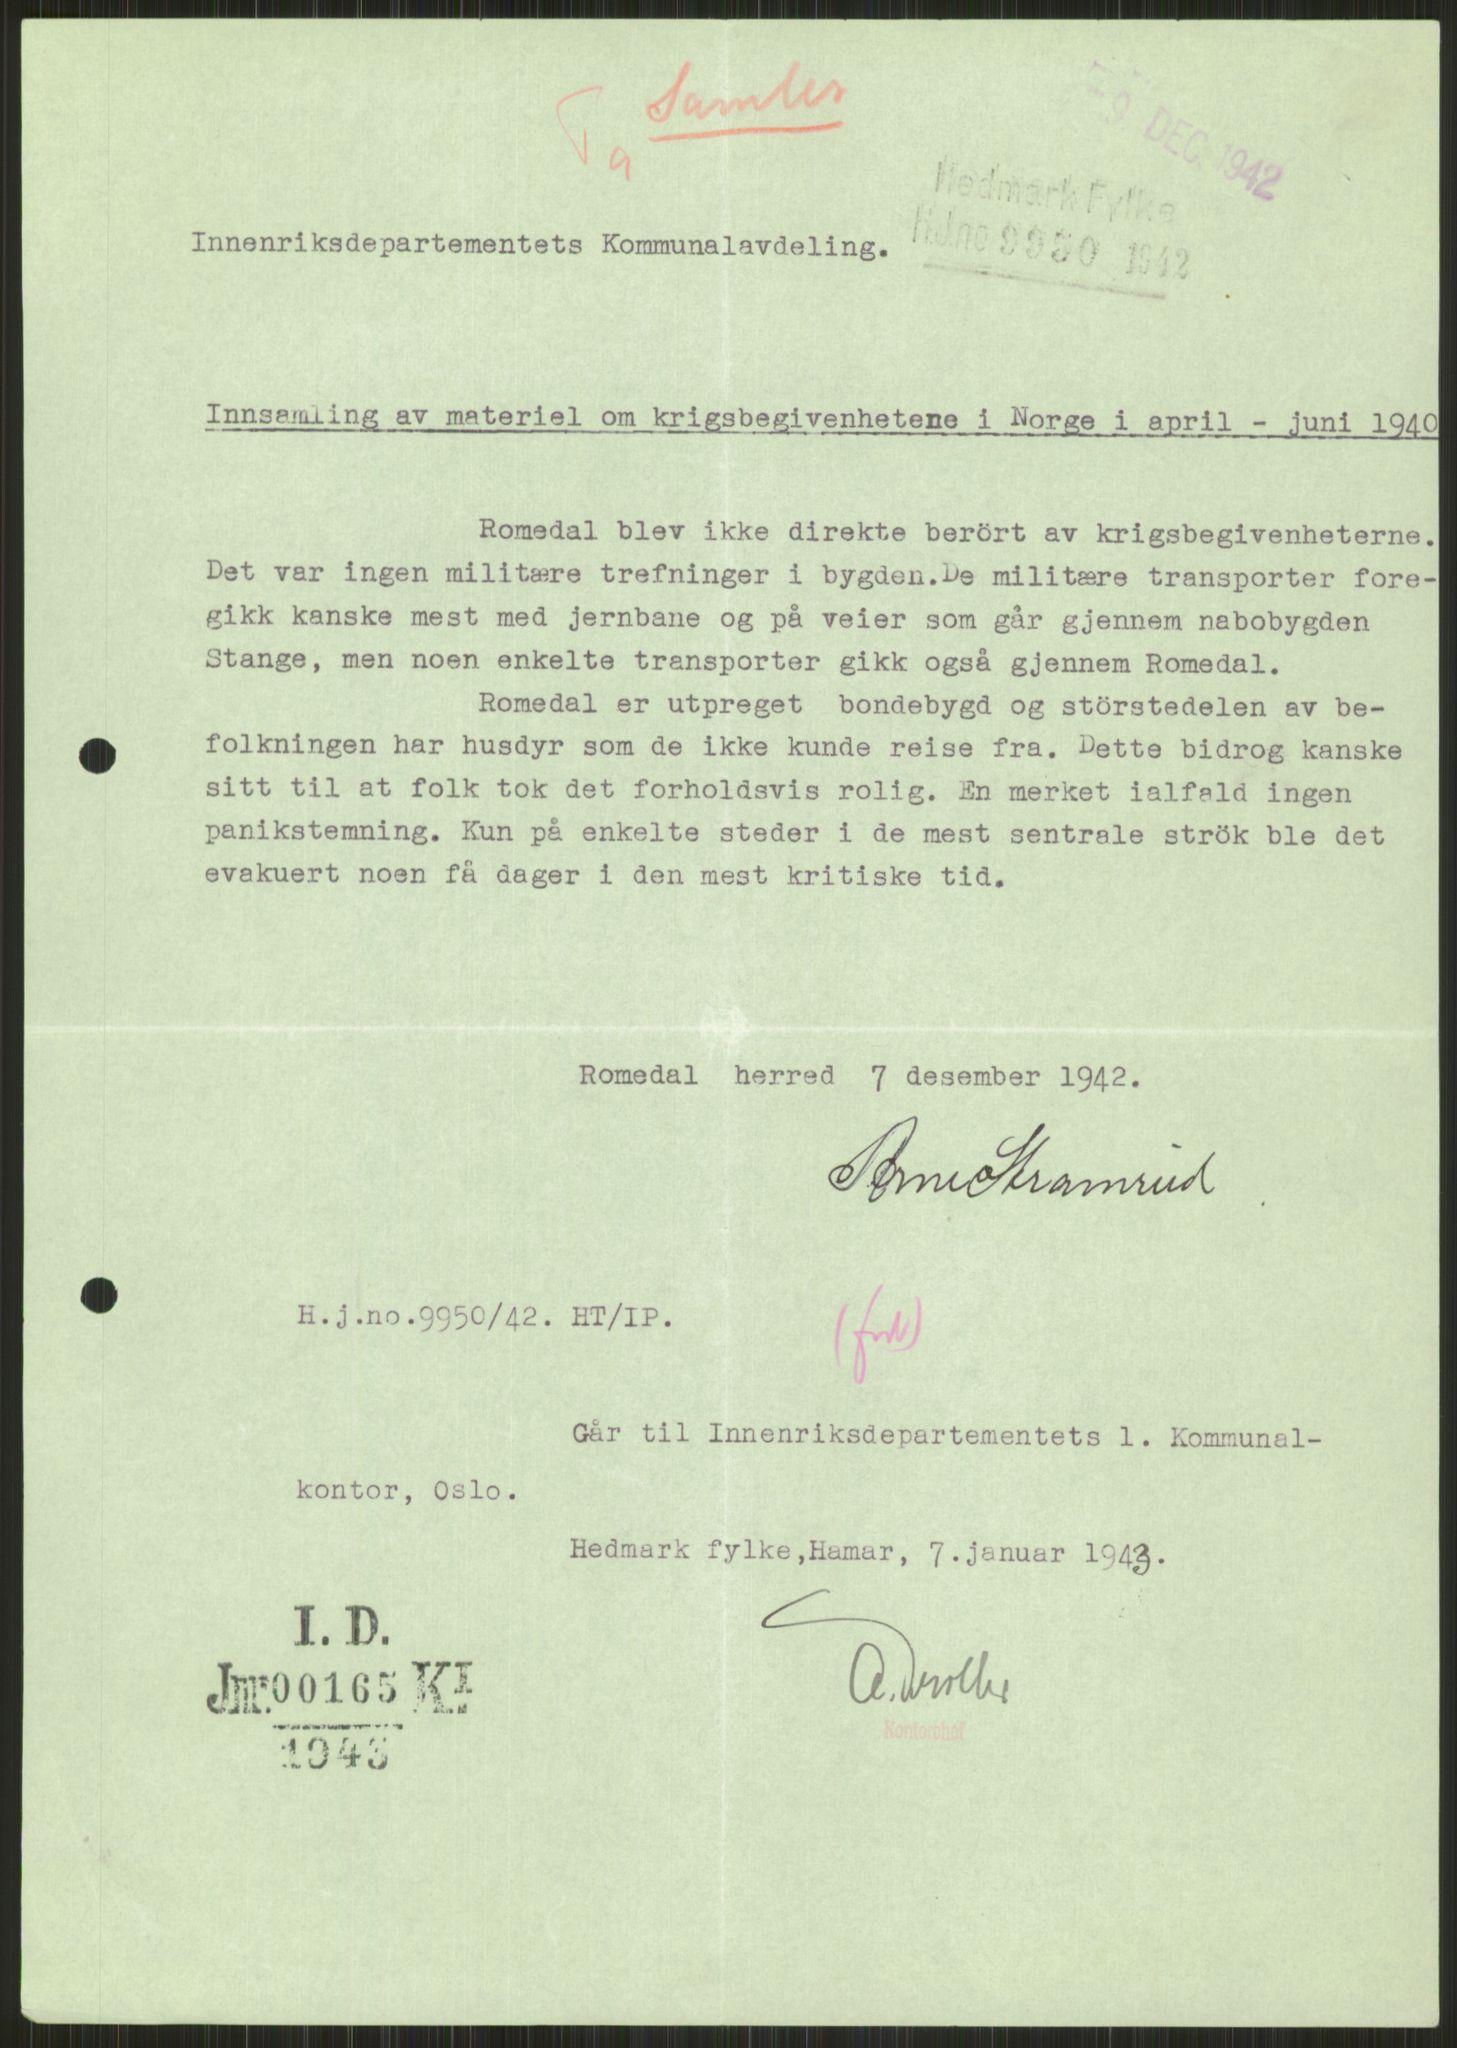 RA, Forsvaret, Forsvarets krigshistoriske avdeling, Y/Ya/L0013: II-C-11-31 - Fylkesmenn.  Rapporter om krigsbegivenhetene 1940., 1940, s. 972